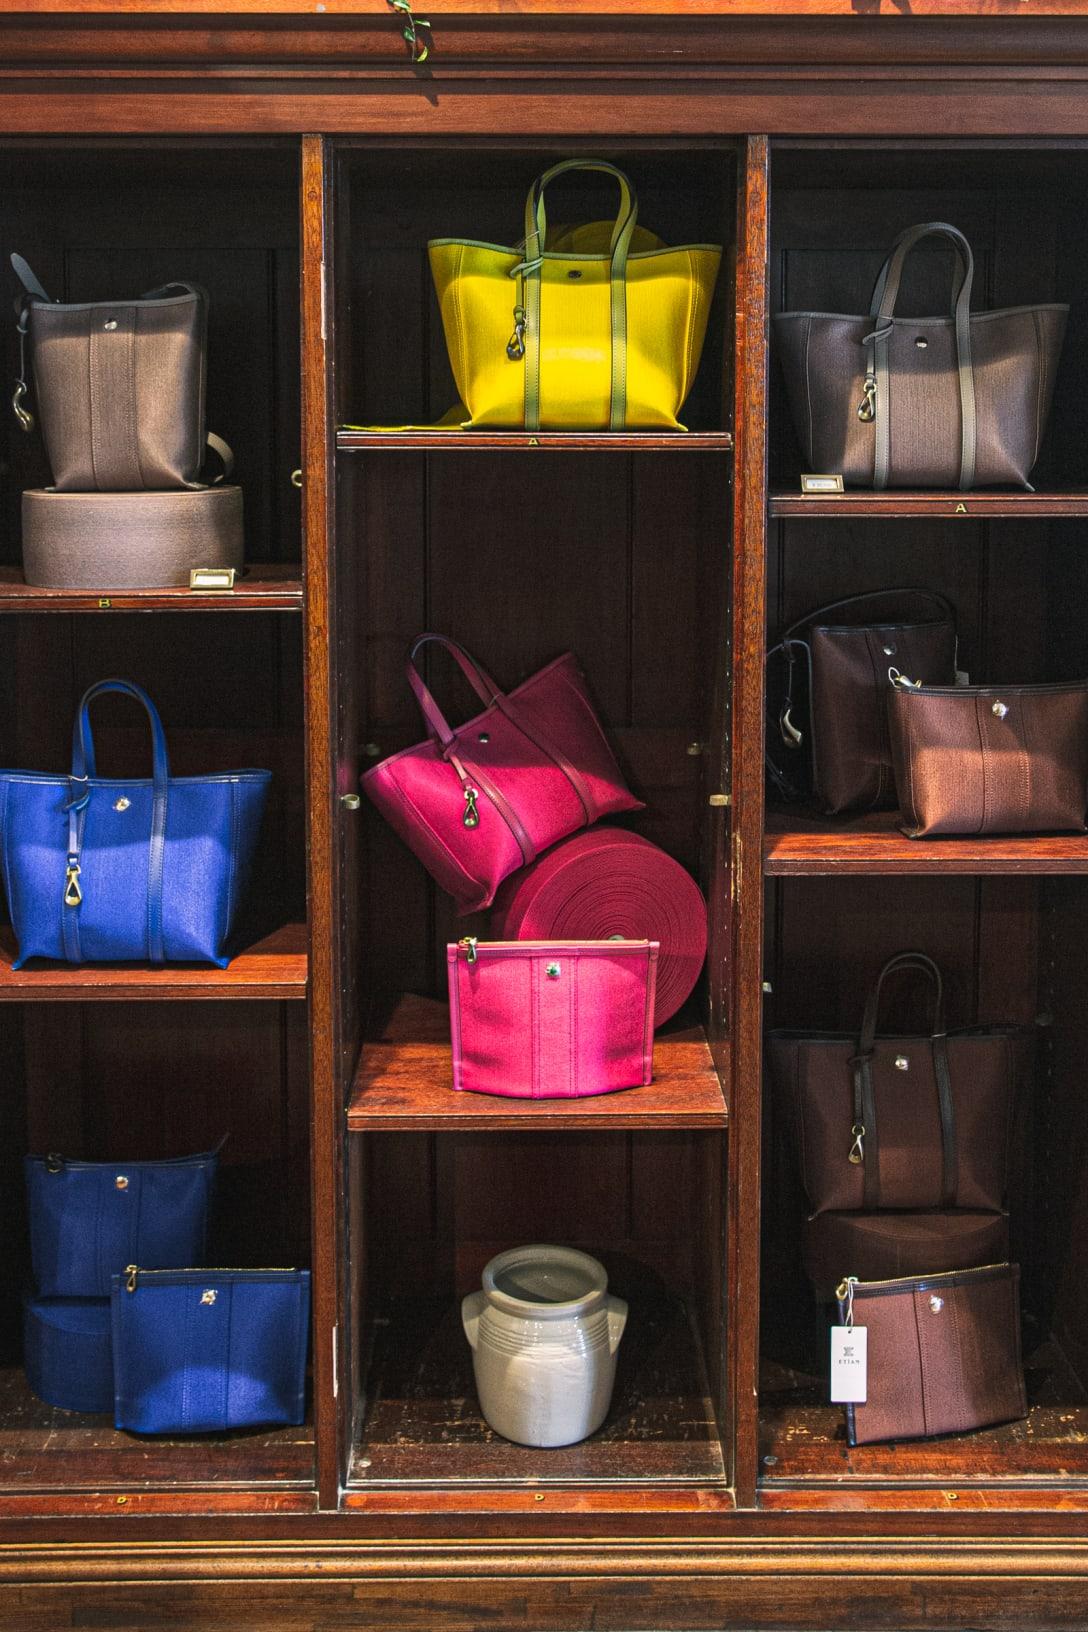 ゴム素材を使用した色鮮やかなバッグシリーズ「バウンシーシャイニー(bouncy shiny)」